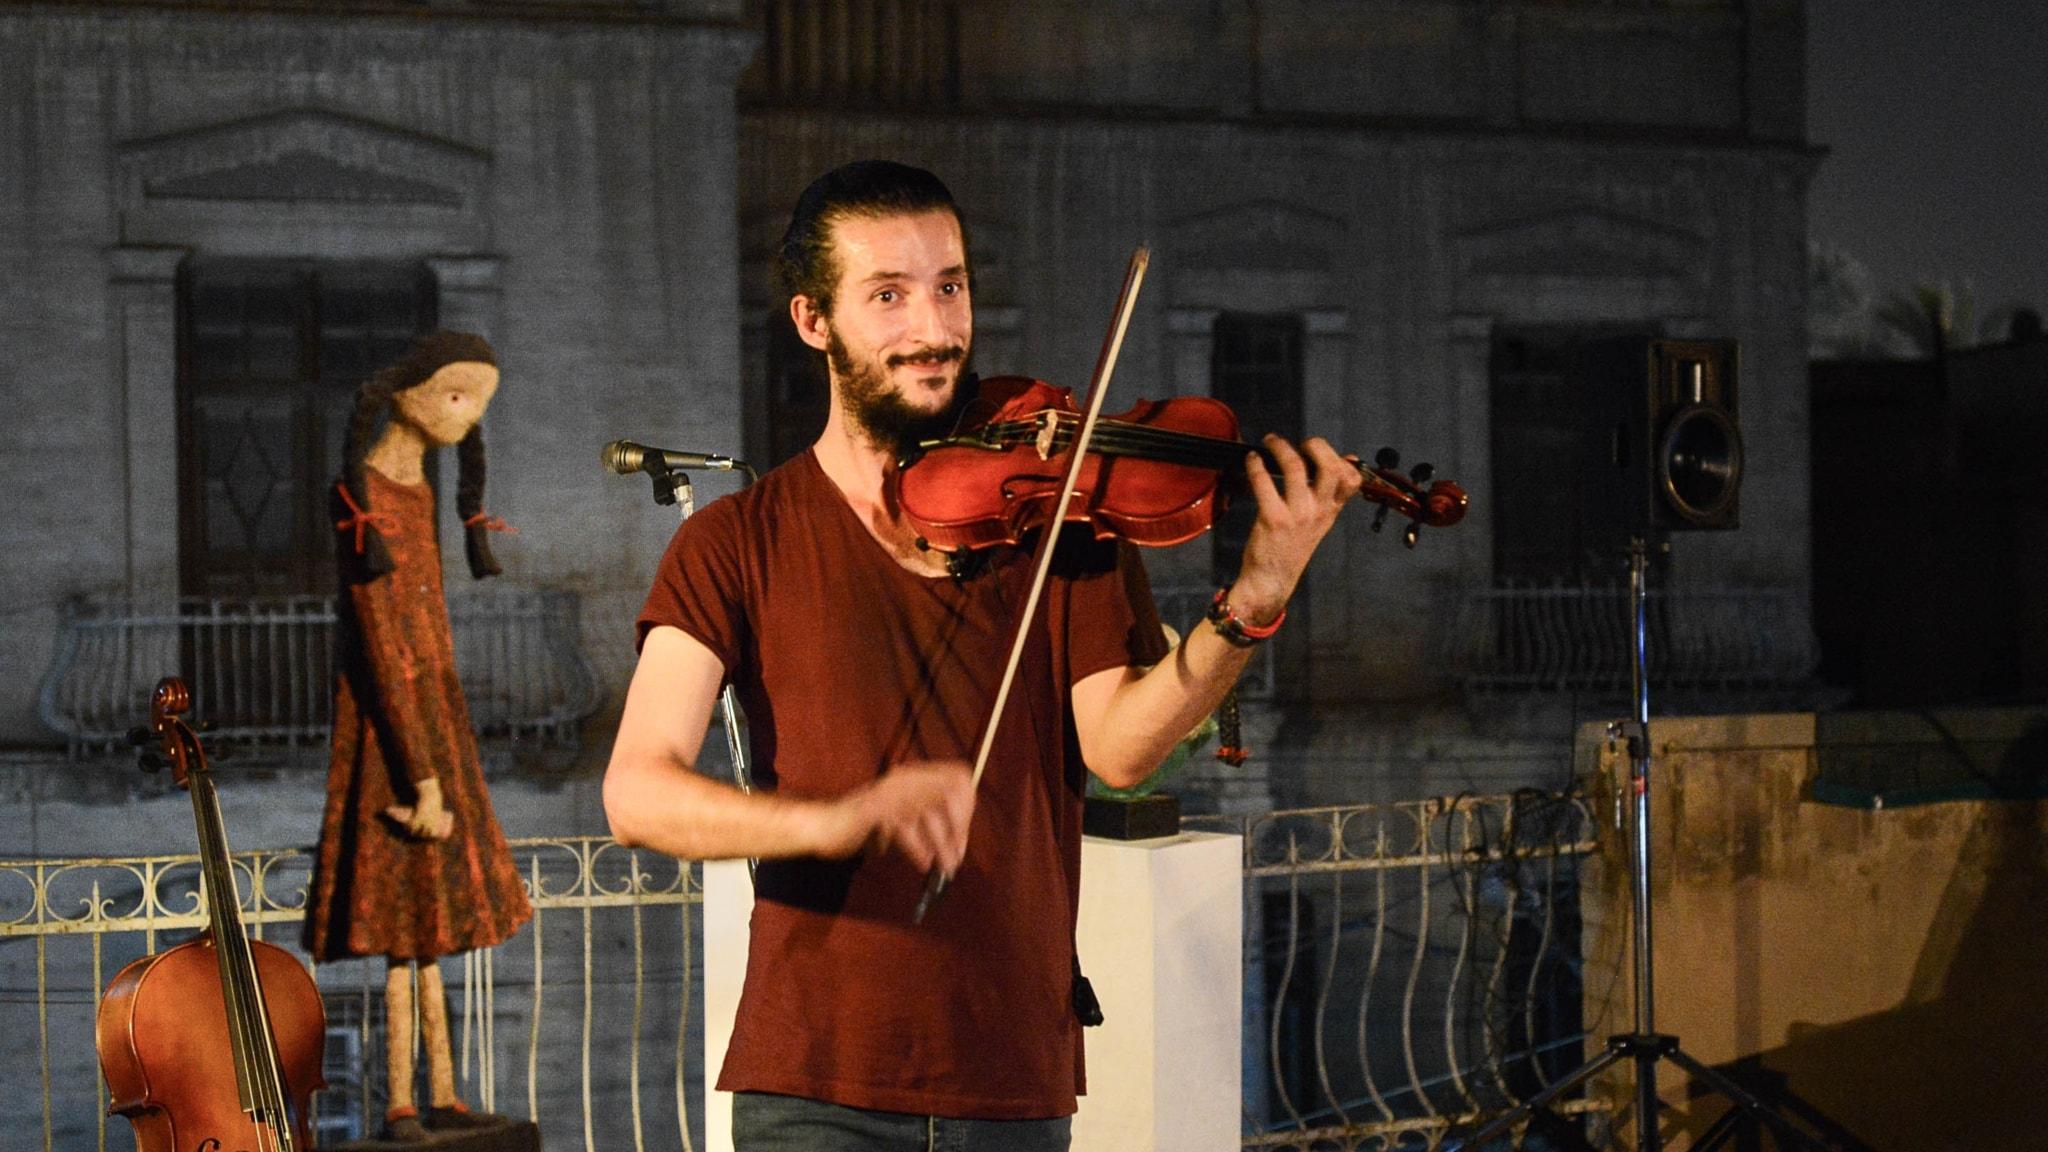 Musikern Amin Moqdad har konsert i Bagdad. Han brukade spela i sin hemstad Mosul när IS styrde där och vill nu återvända för att starta en orkester